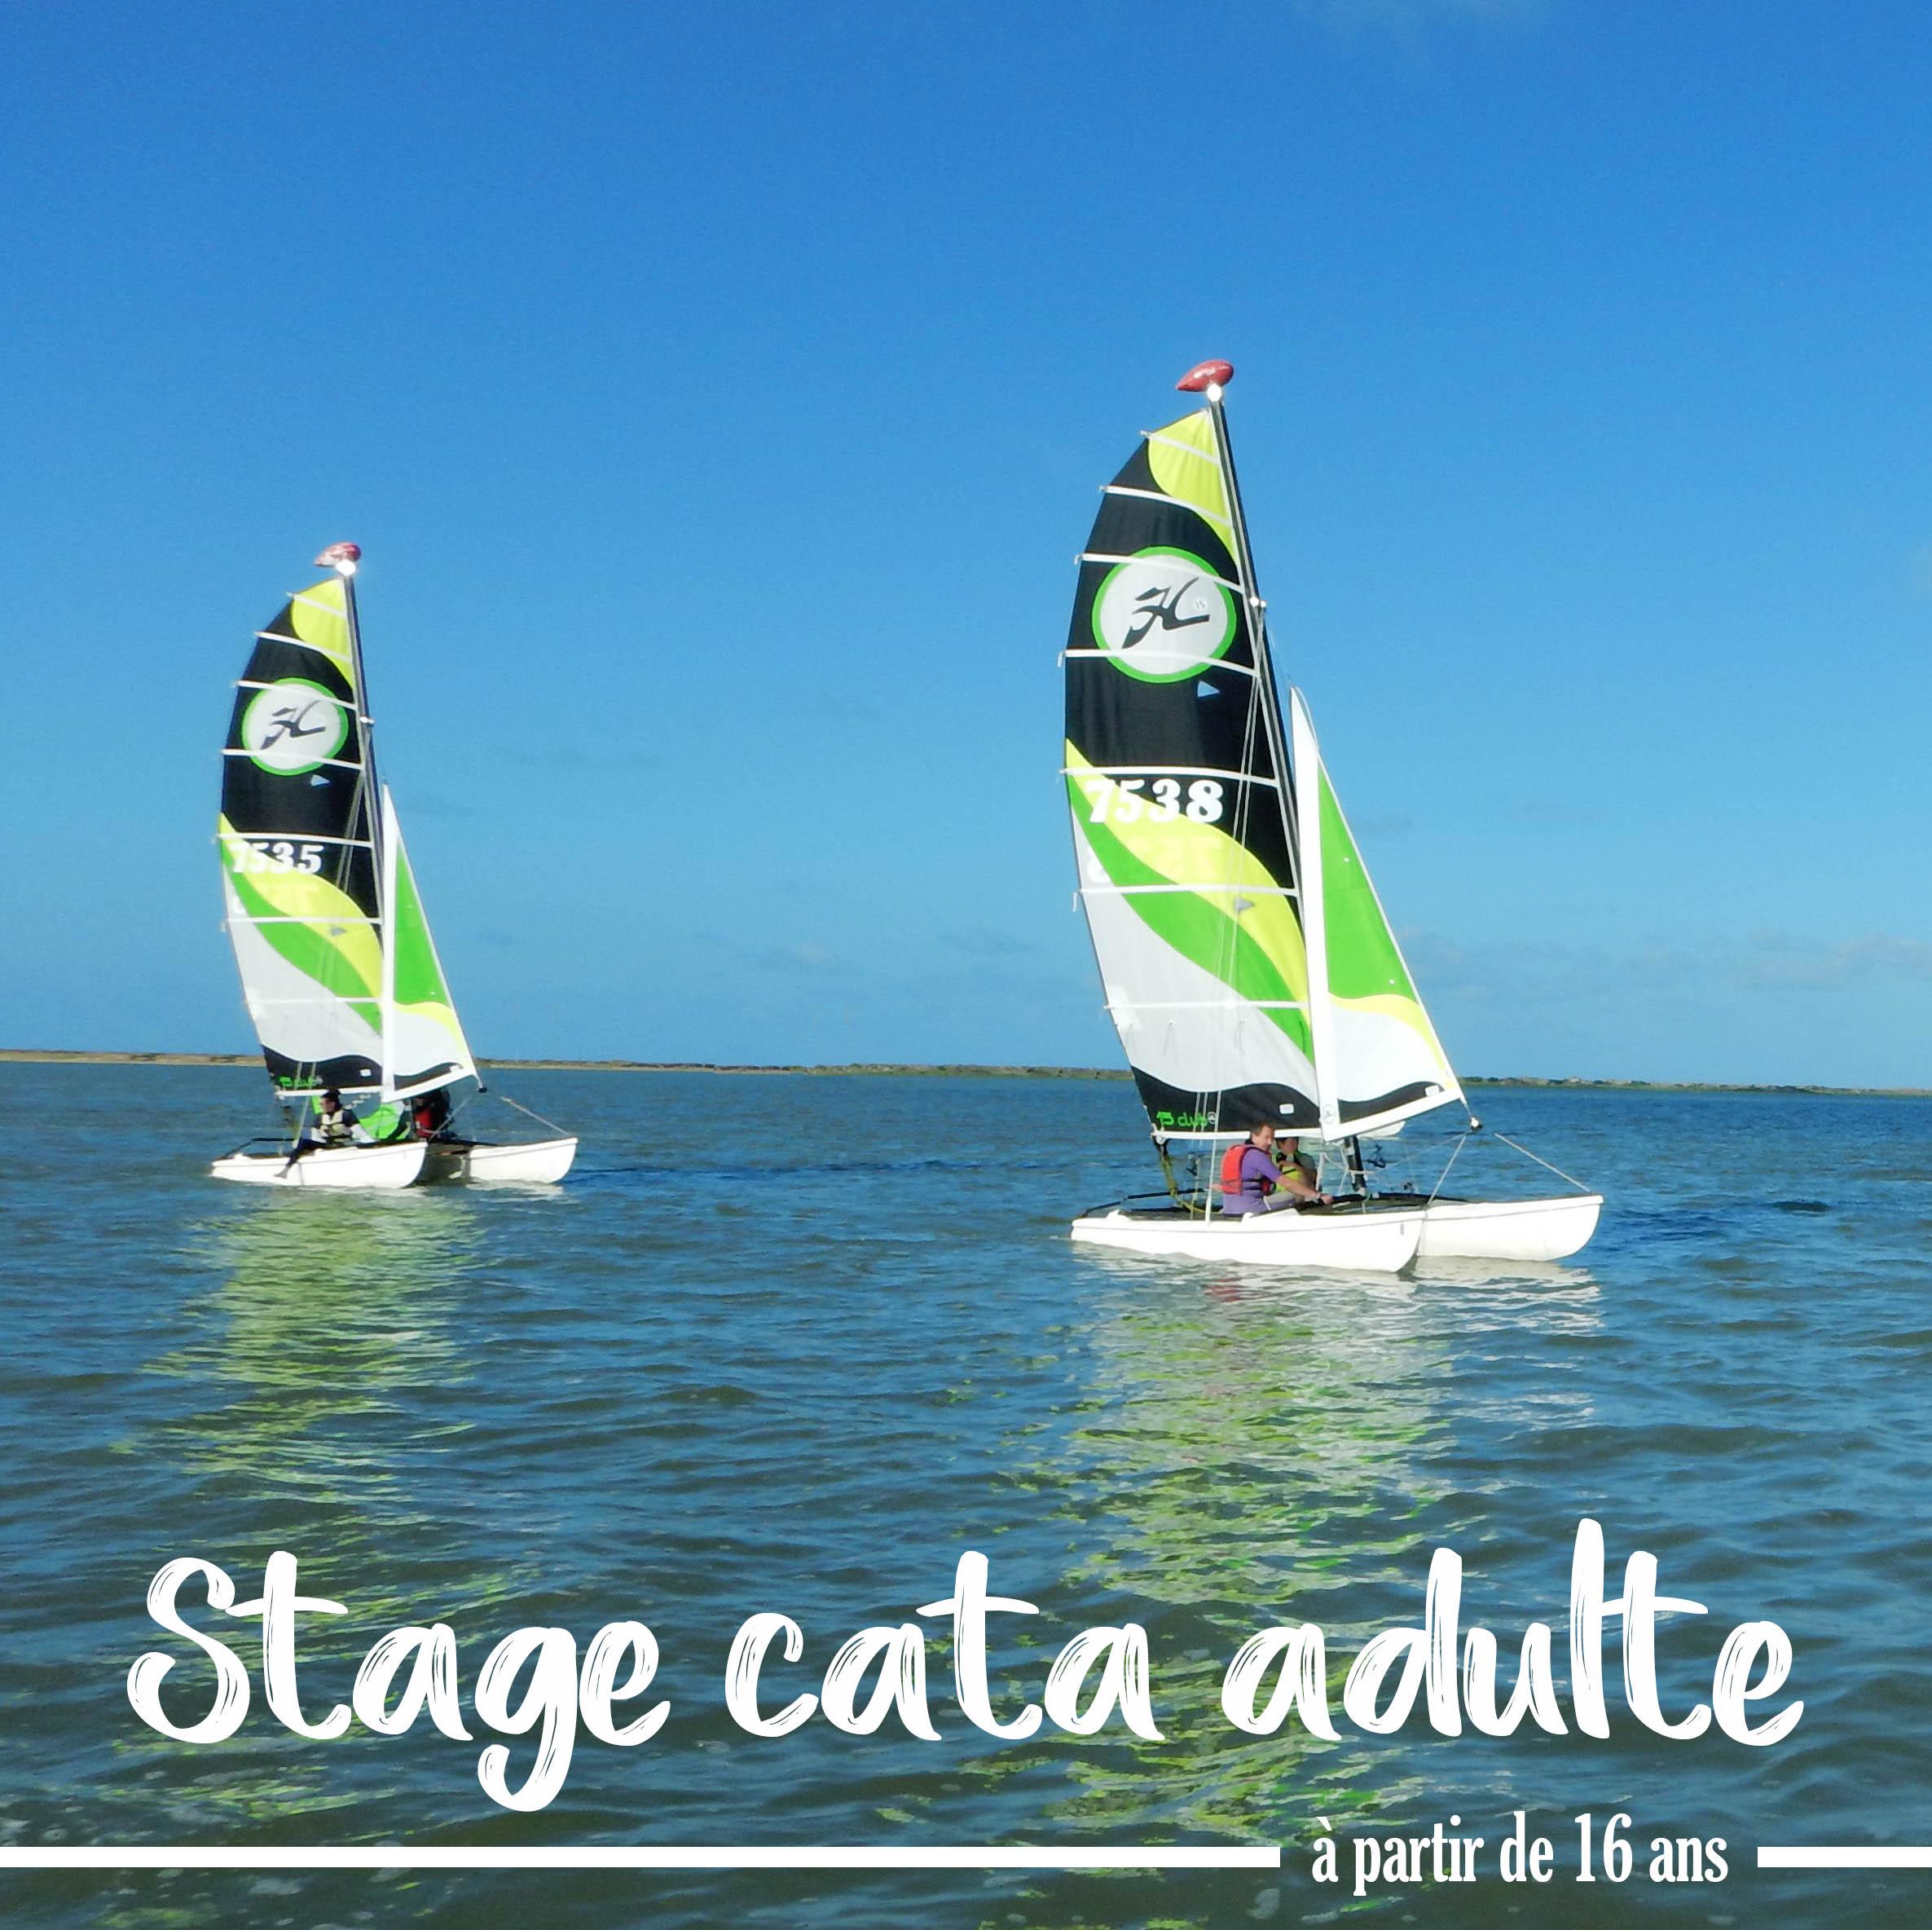 Photo du Offre de Stage de Catamaran 40 jours, du 12 juillet au 20 août 2021 - stage catamaran adulte proposé par BASE NAUTIQUE LA PALMYRE affilié à la Fédération Française de Voile